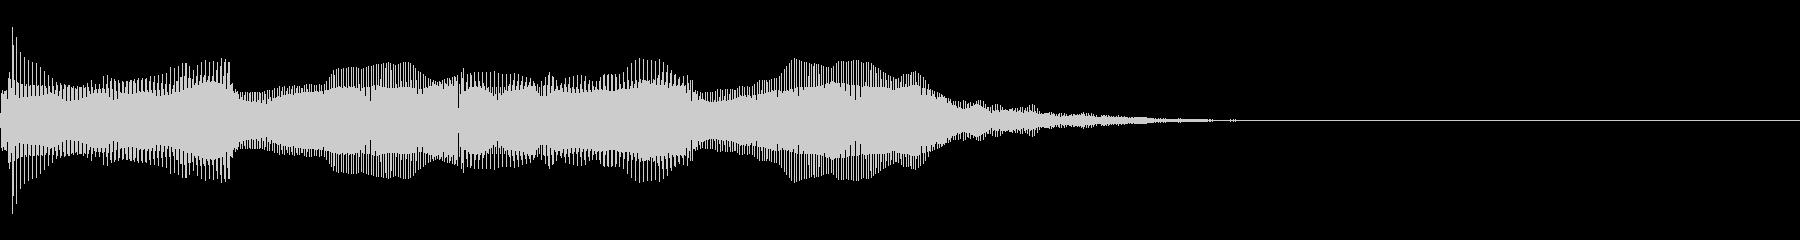 重要・注目・ワンポイント用SEの未再生の波形